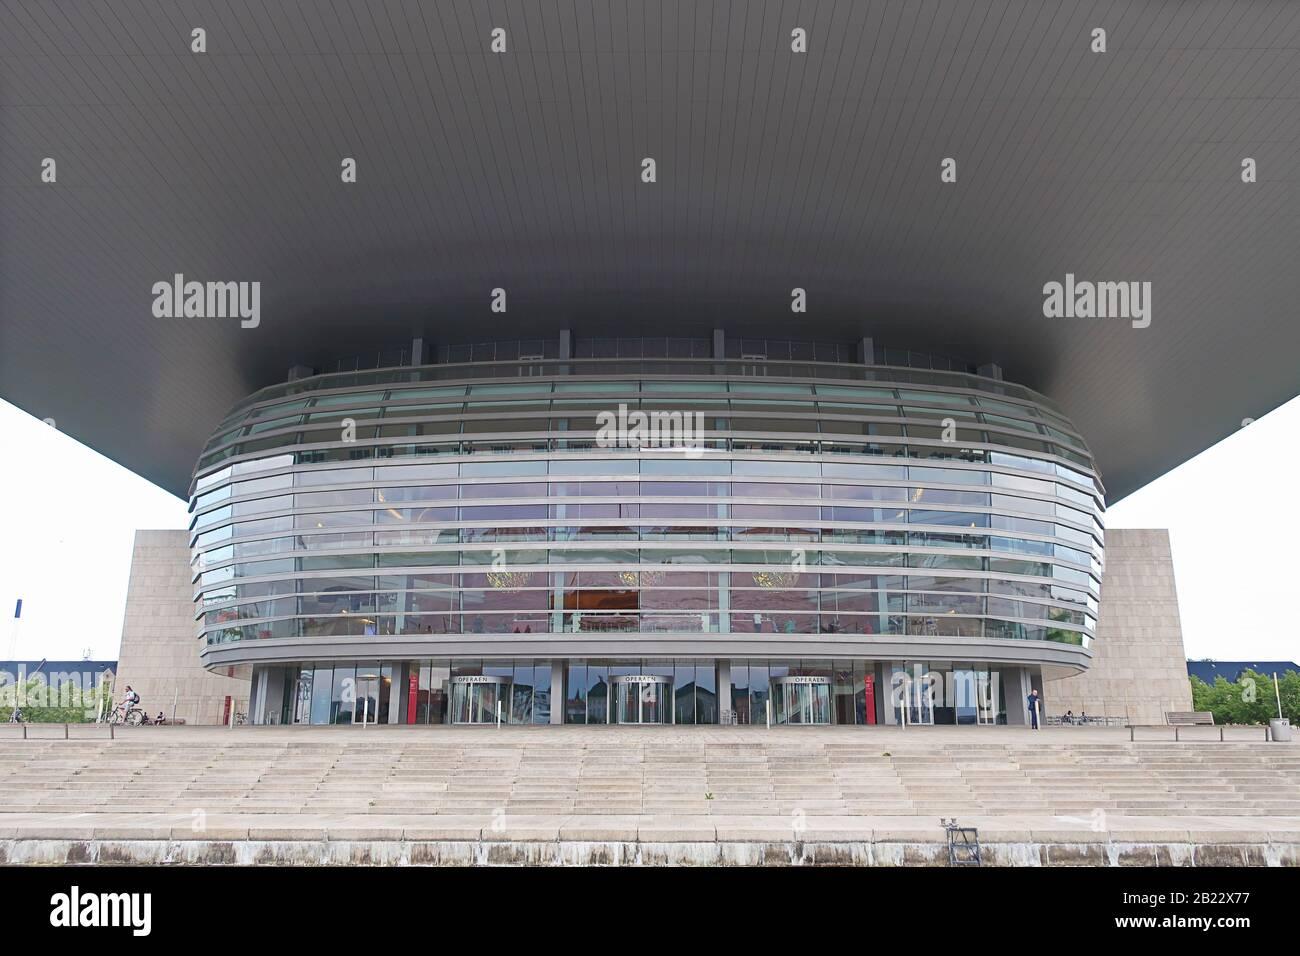 Kopenhagen, Dänemark - 14. Juni 2019: Das Opernhaus von Kopenhagen, das nationale Opernhaus von Dänemark Stockfoto